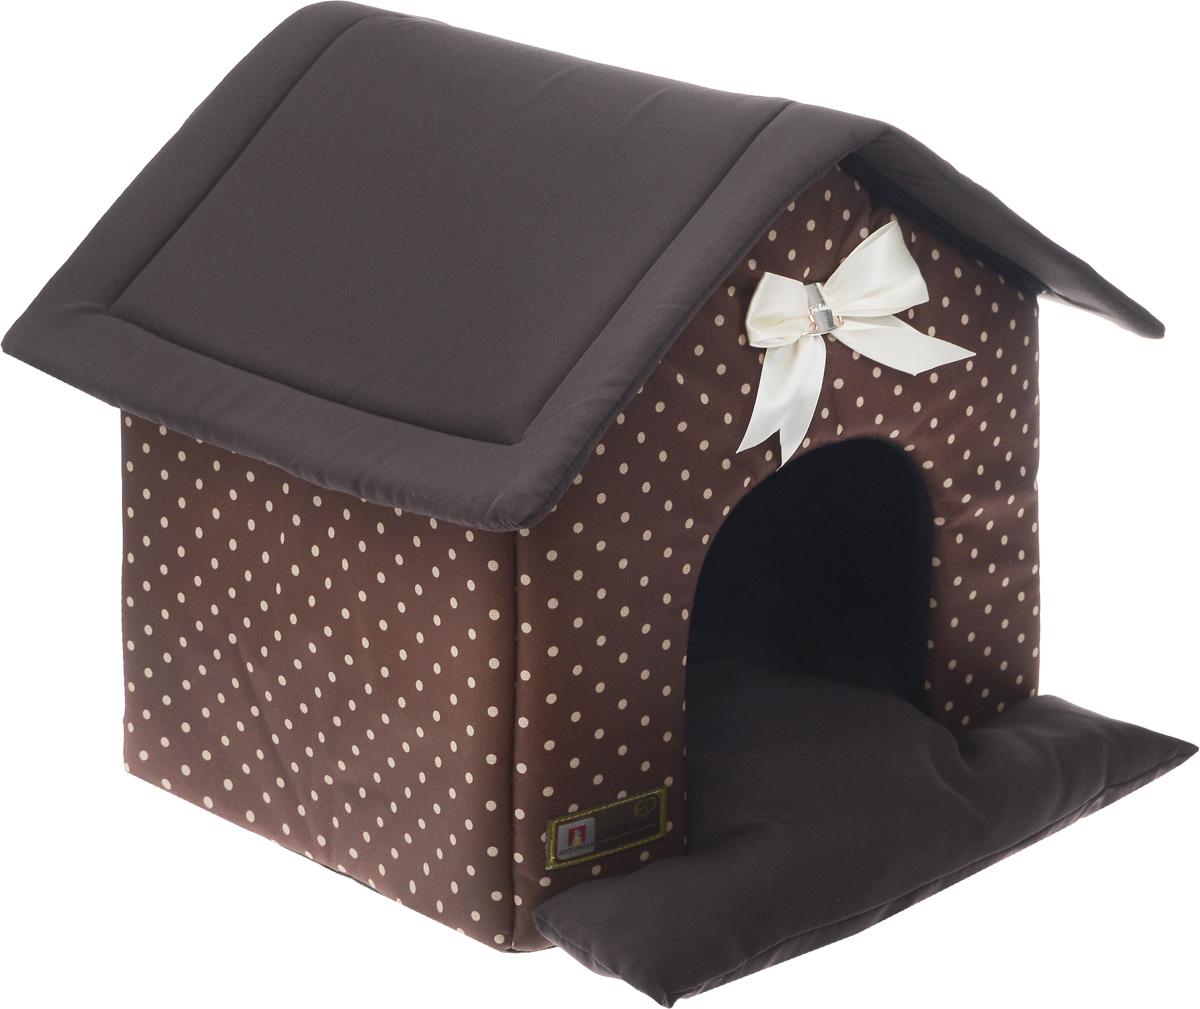 Лежак для собак и кошек Зоогурман Ампир. Горох, 45 х 40 х 45 см2137_шоколадный, бежевый горохМягкий и уютный лежак для кошек и собак Зоогурман Ампир. Горох обязательно понравится вашему питомцу. Лежак выполнен из плотного, приятного материала. Внутри - мягкий наполнитель, который не теряет своей формы долгое время. Лежак представляет собой домик со съемной крышей и съемным внутренним матрасиком. Над главным входом красивый бант. Закрытый лежак в виде домика обеспечит вашему любимцу уют и комфорт. За изделием легко ухаживать, можно стирать вручную или в стиральной машине при температуре 40°С. Внутренний размер лежака (ДхШхВ): 34 х 40 х 40 см.